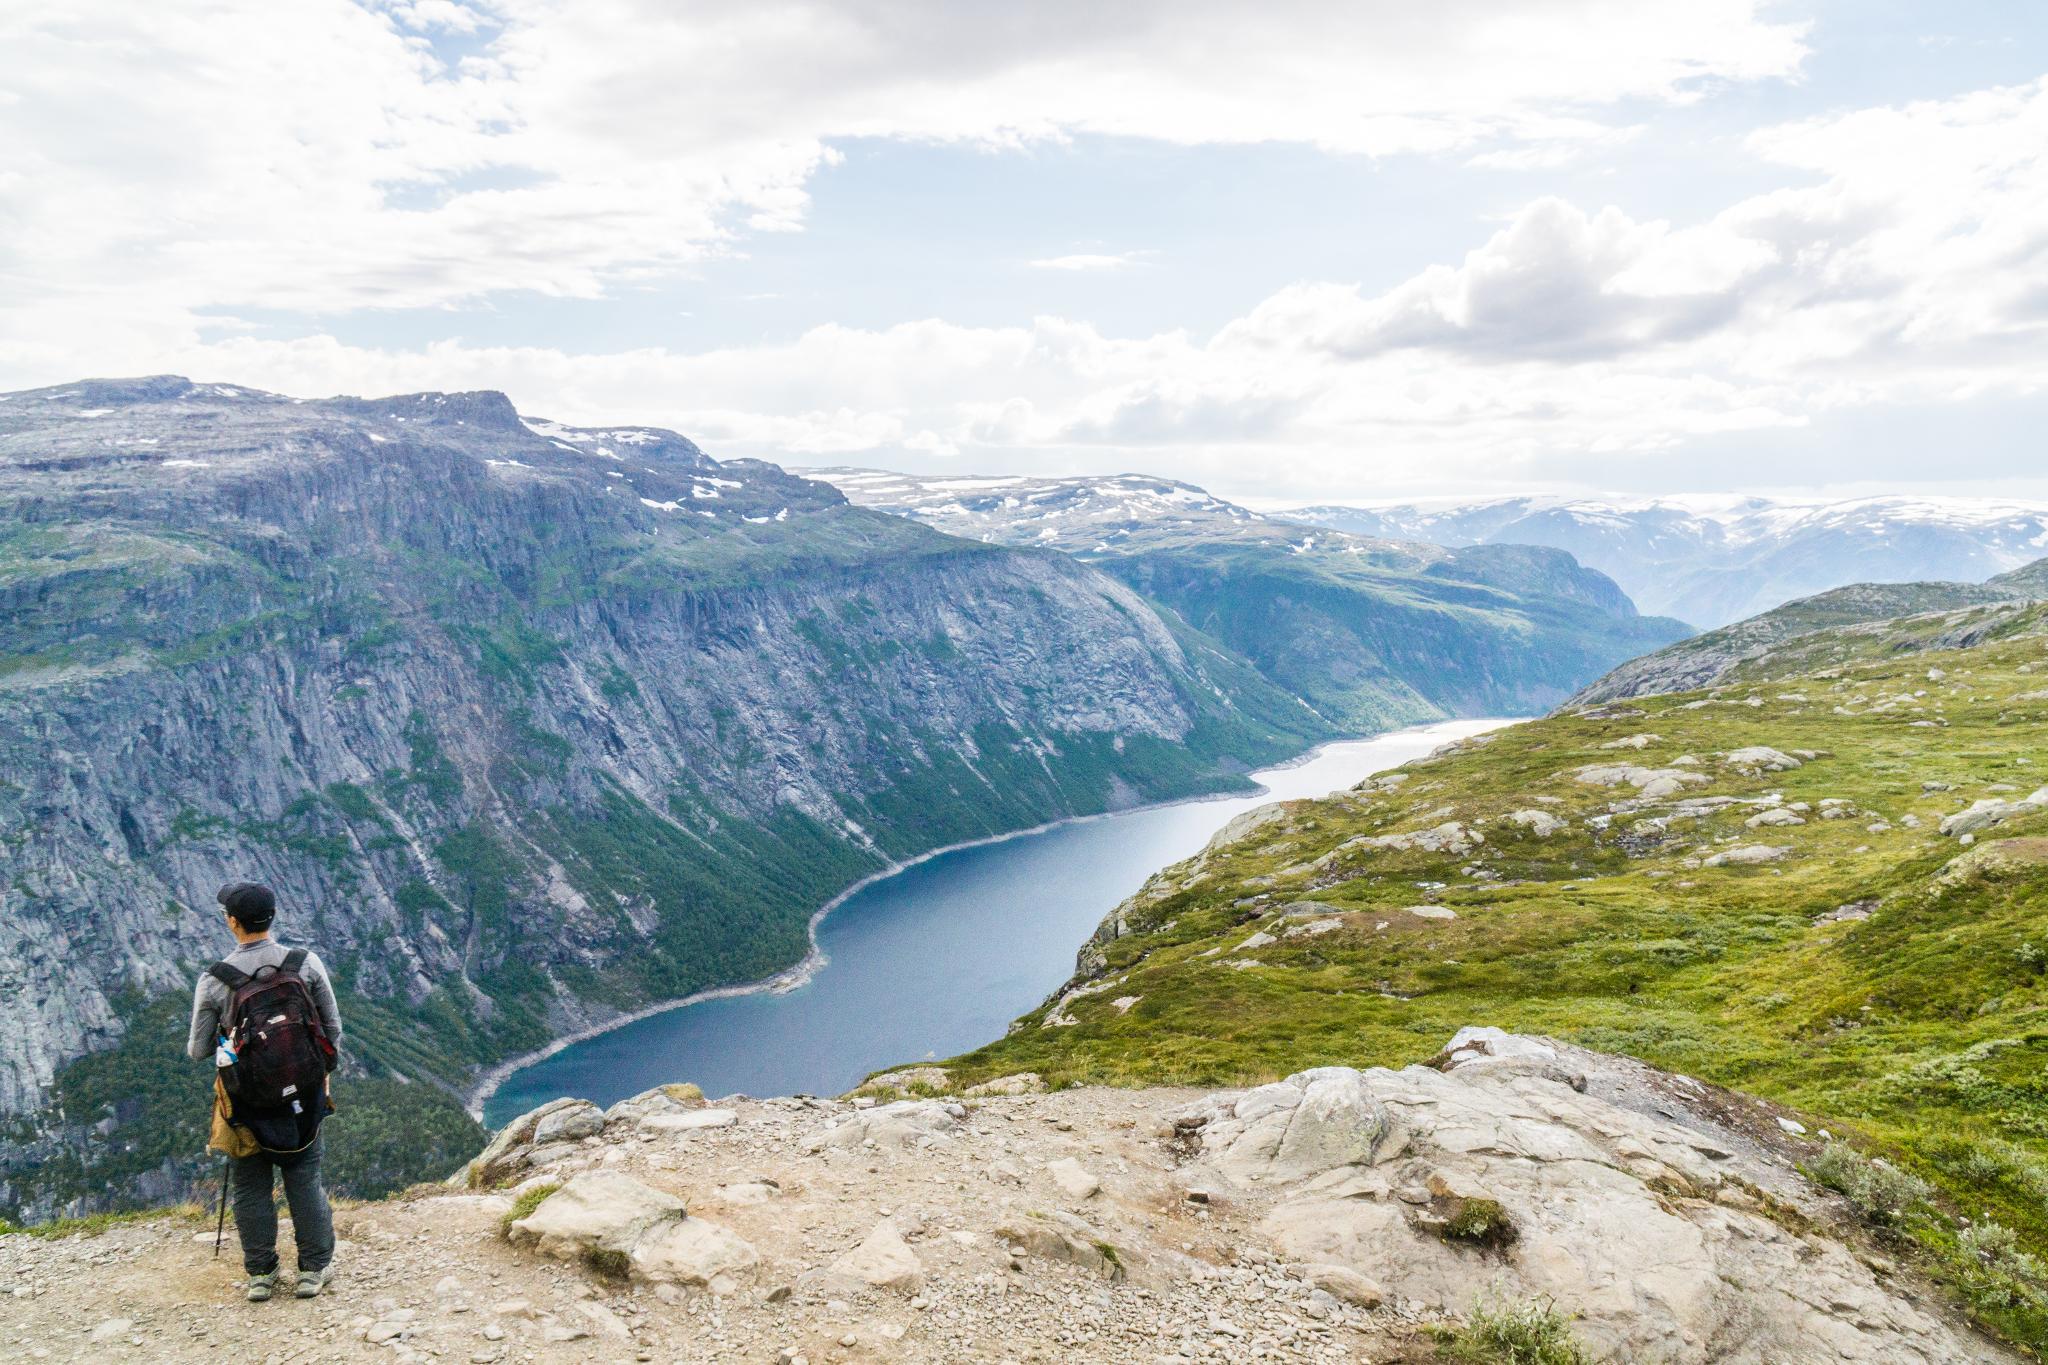 【北歐景點】挪威惡魔之舌 Trolltunga — 28公里健行挑戰全攻略 212